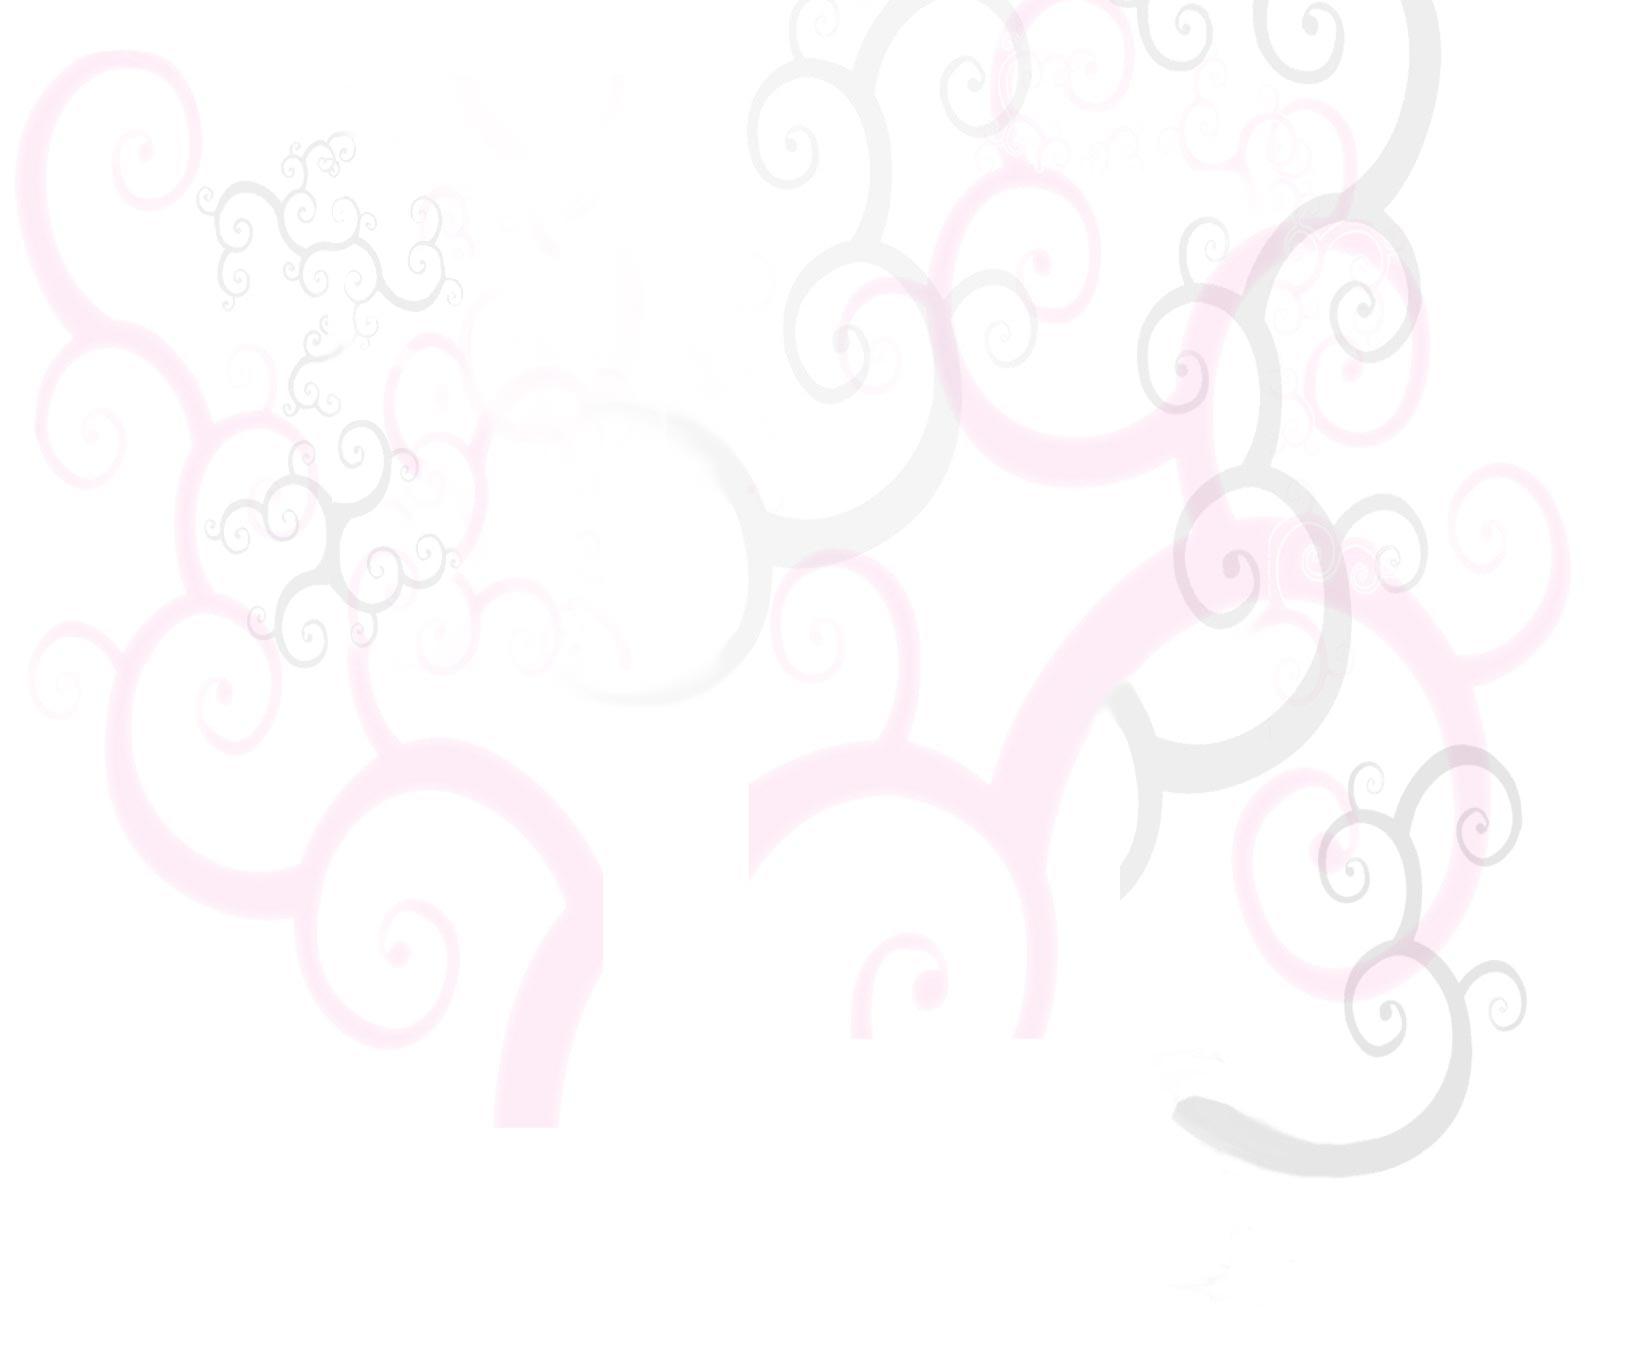 carifit bg1.jpg